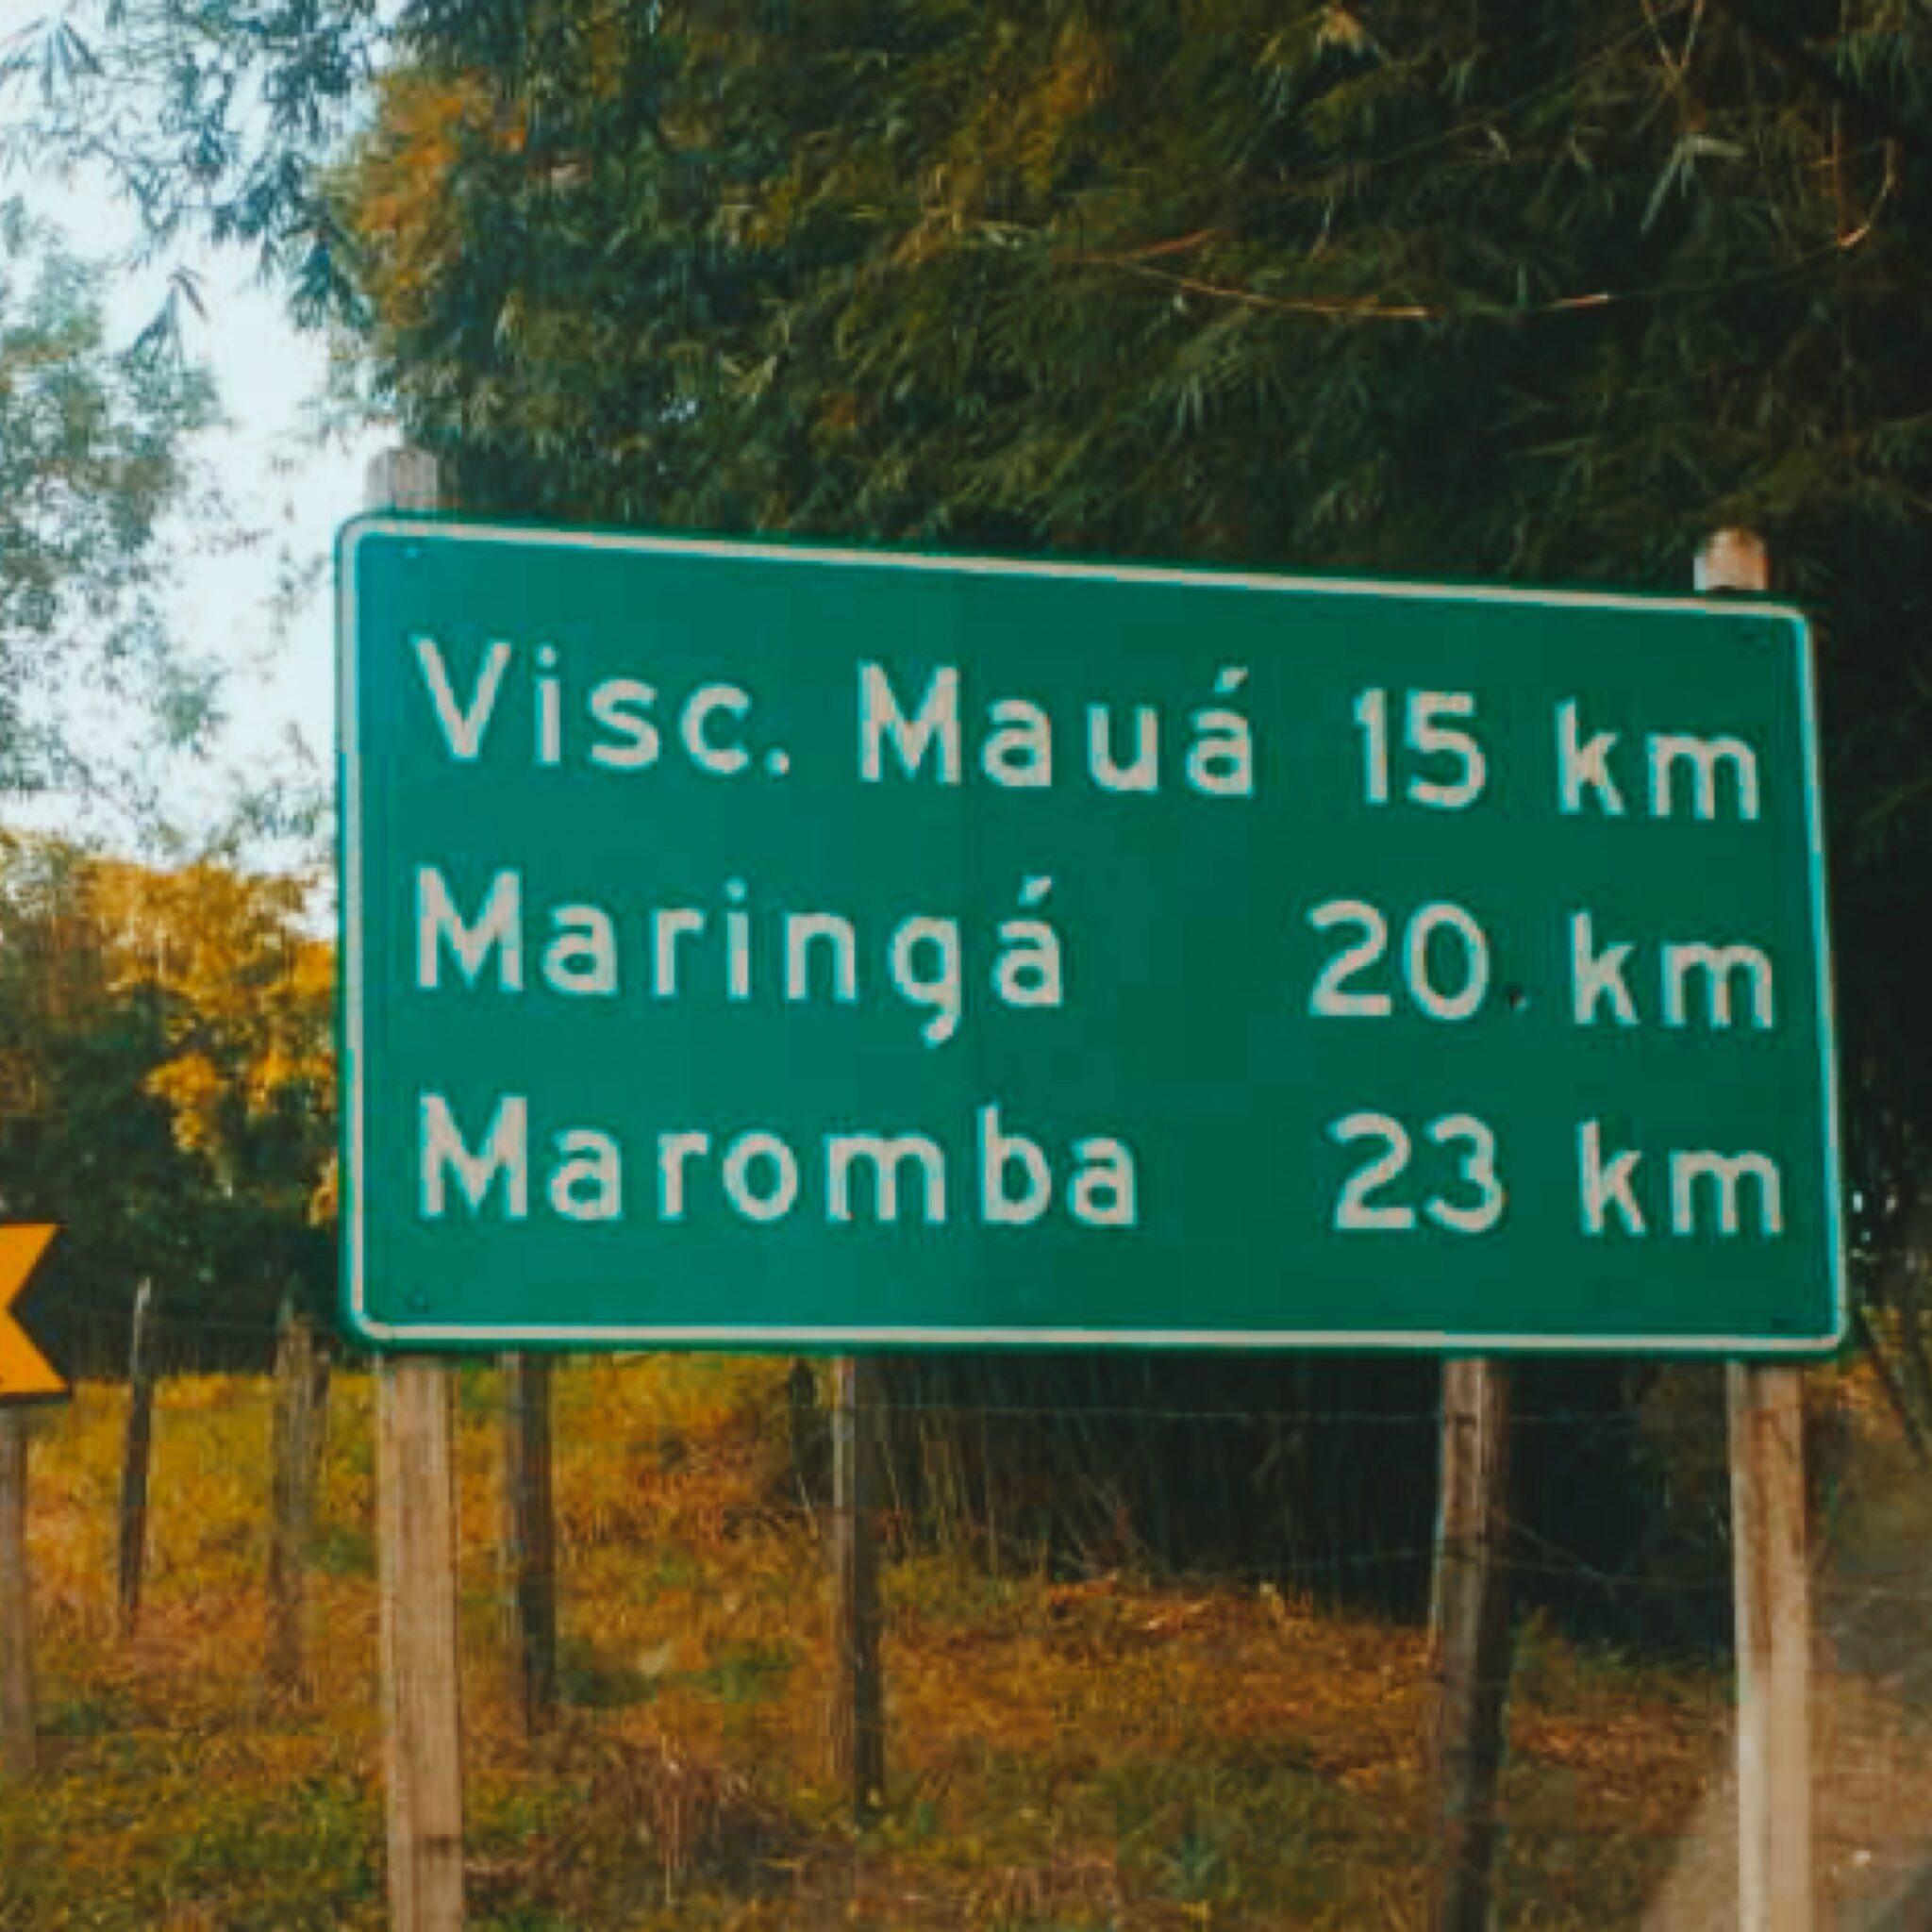 Placa na estrada para Visconde de Mauá